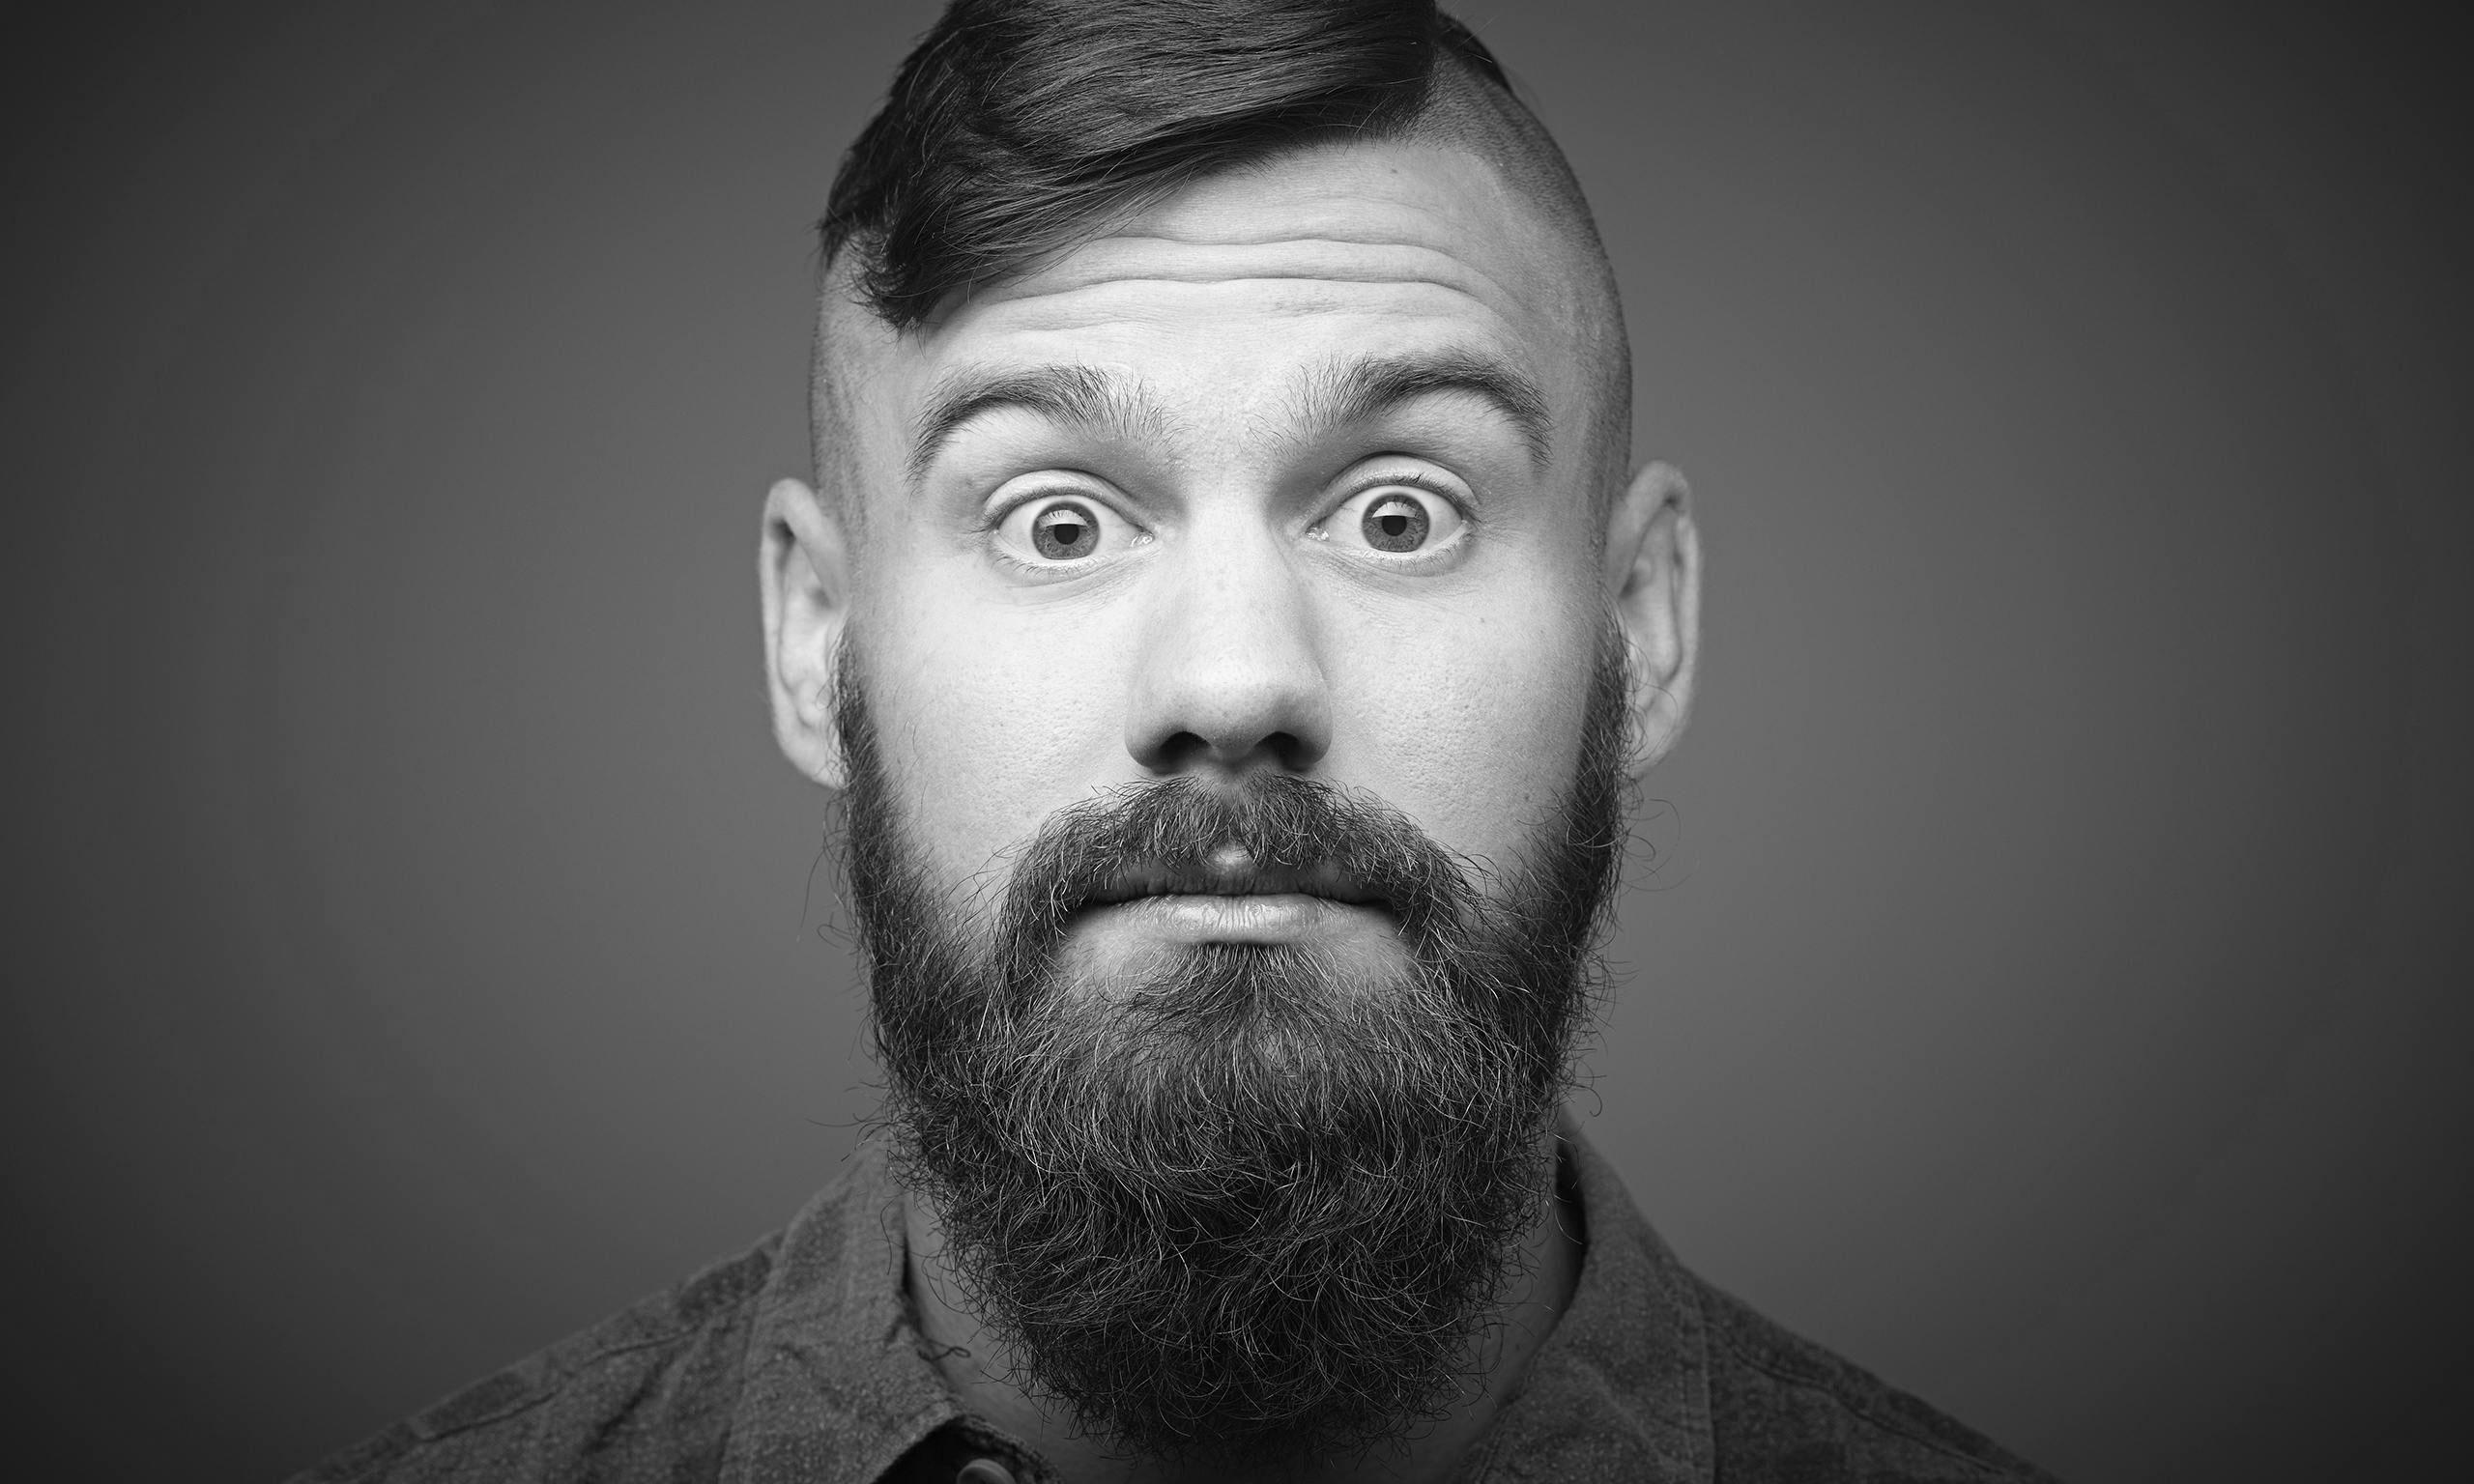 Comment avoir des cheveux lisse naturellement homme